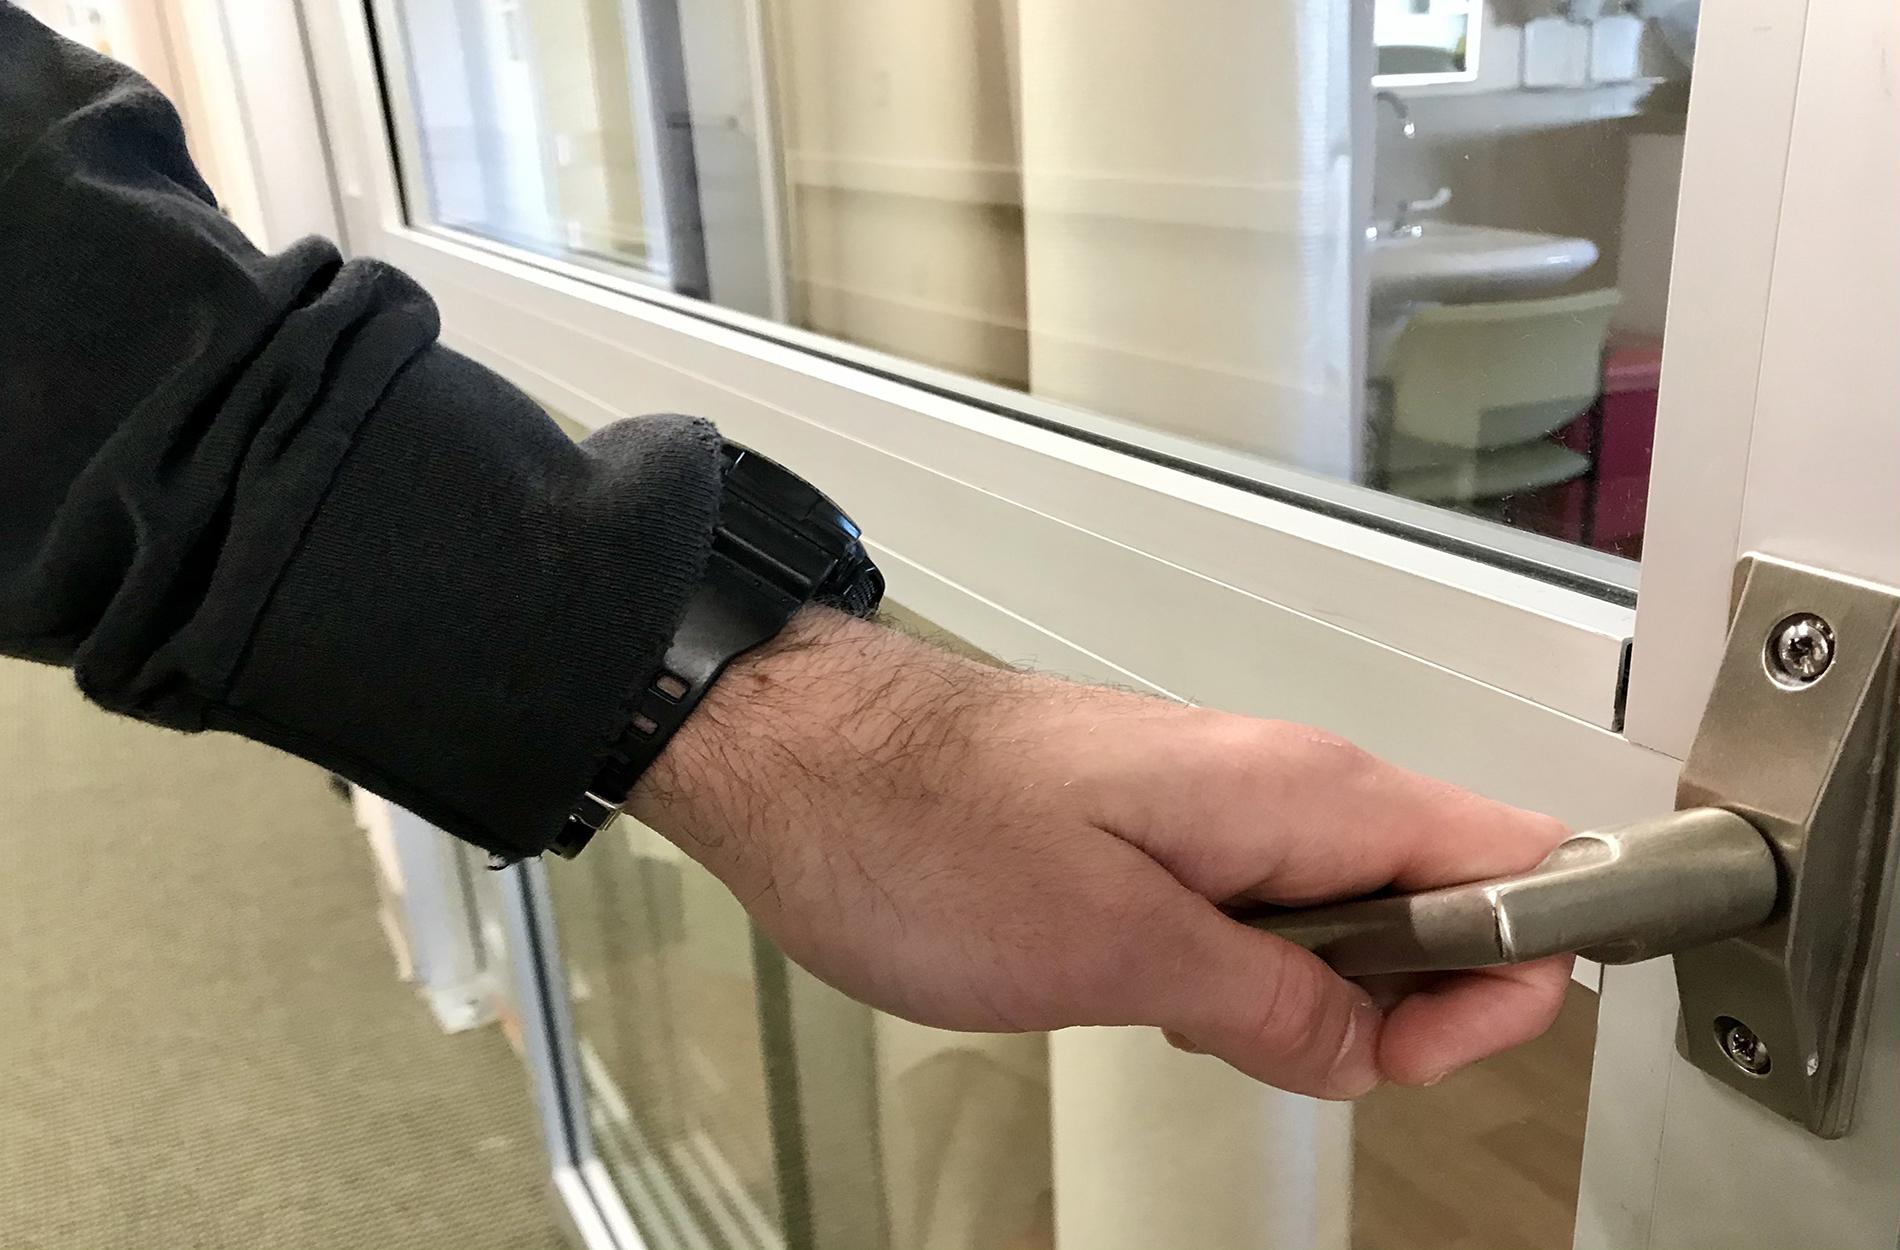 Hand opening patient room door